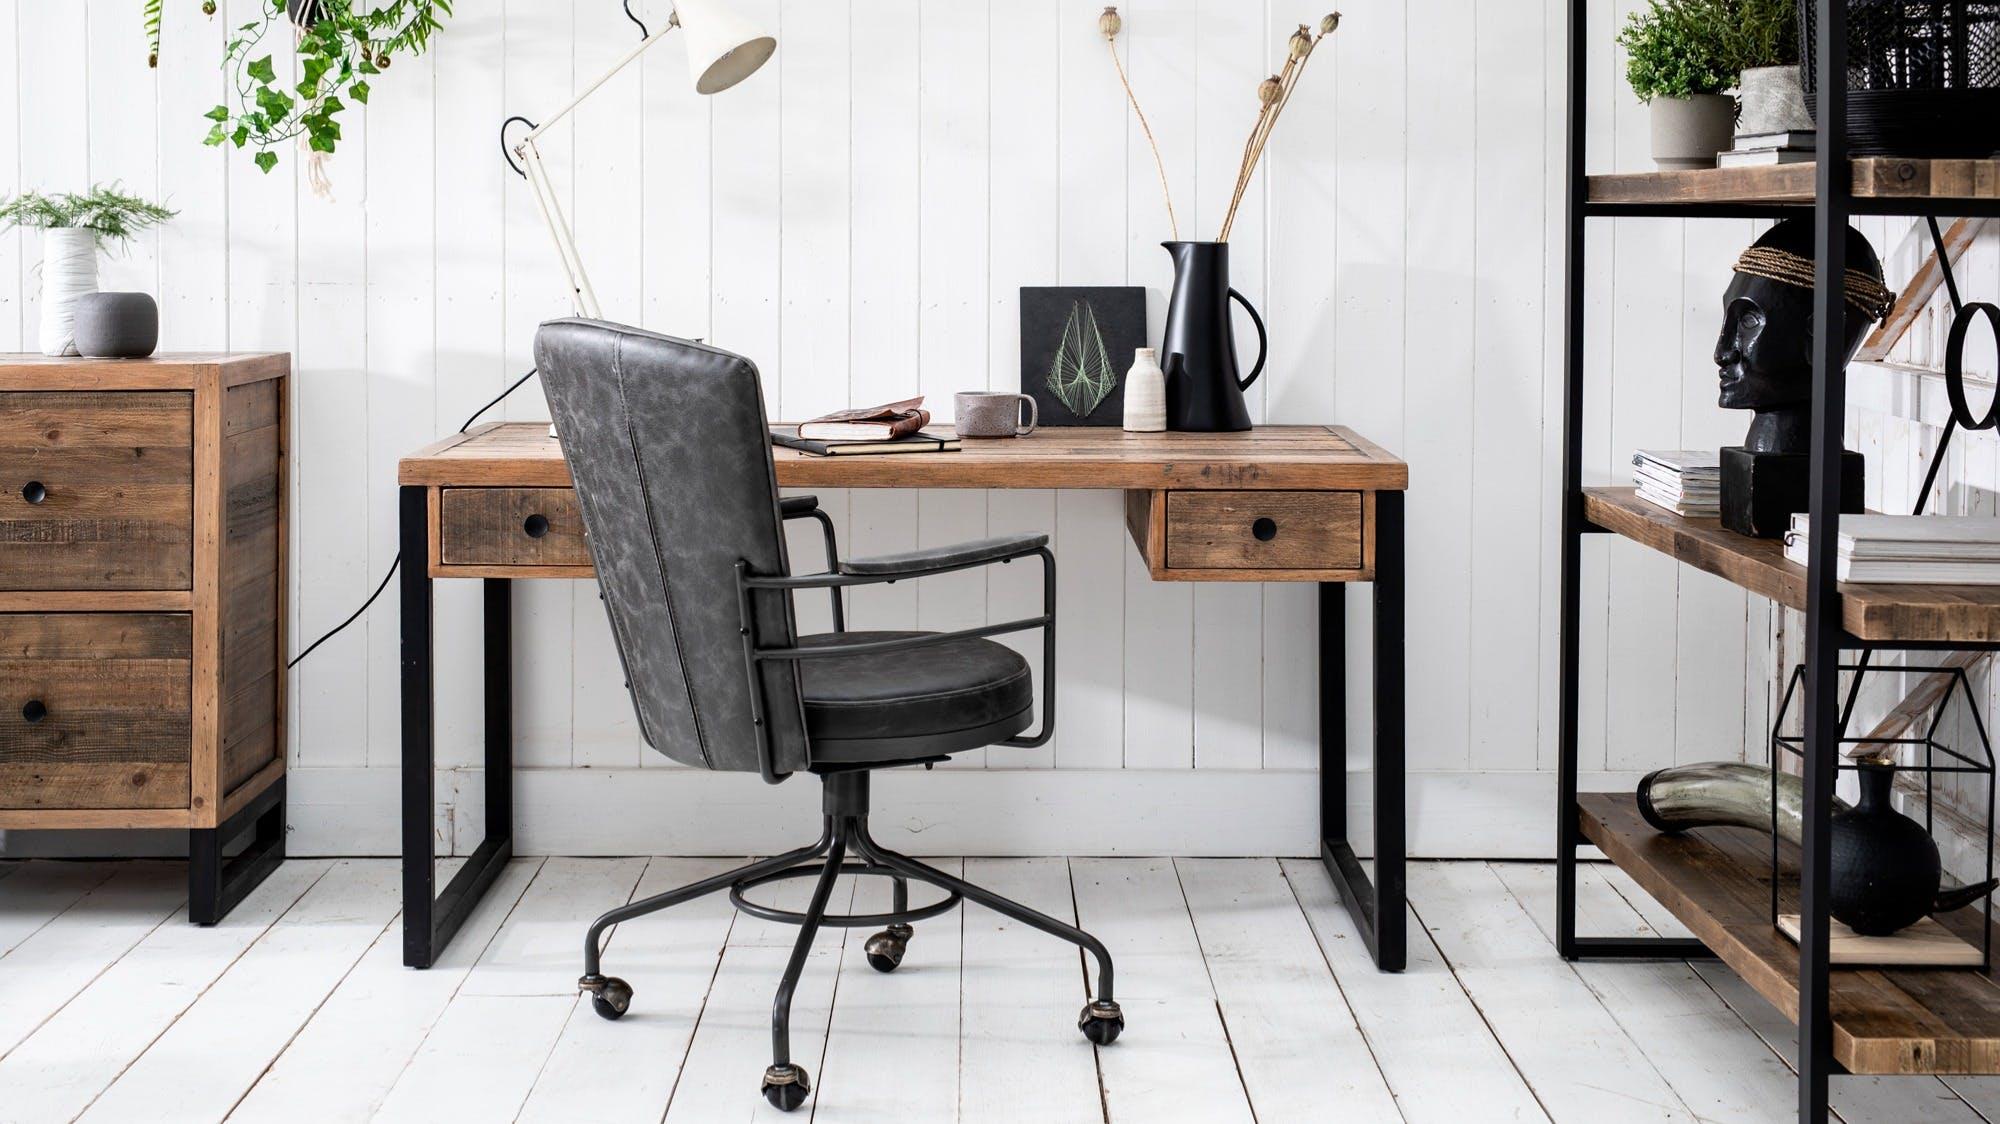 Mobilier de bureau : bureaux, fauteuils...